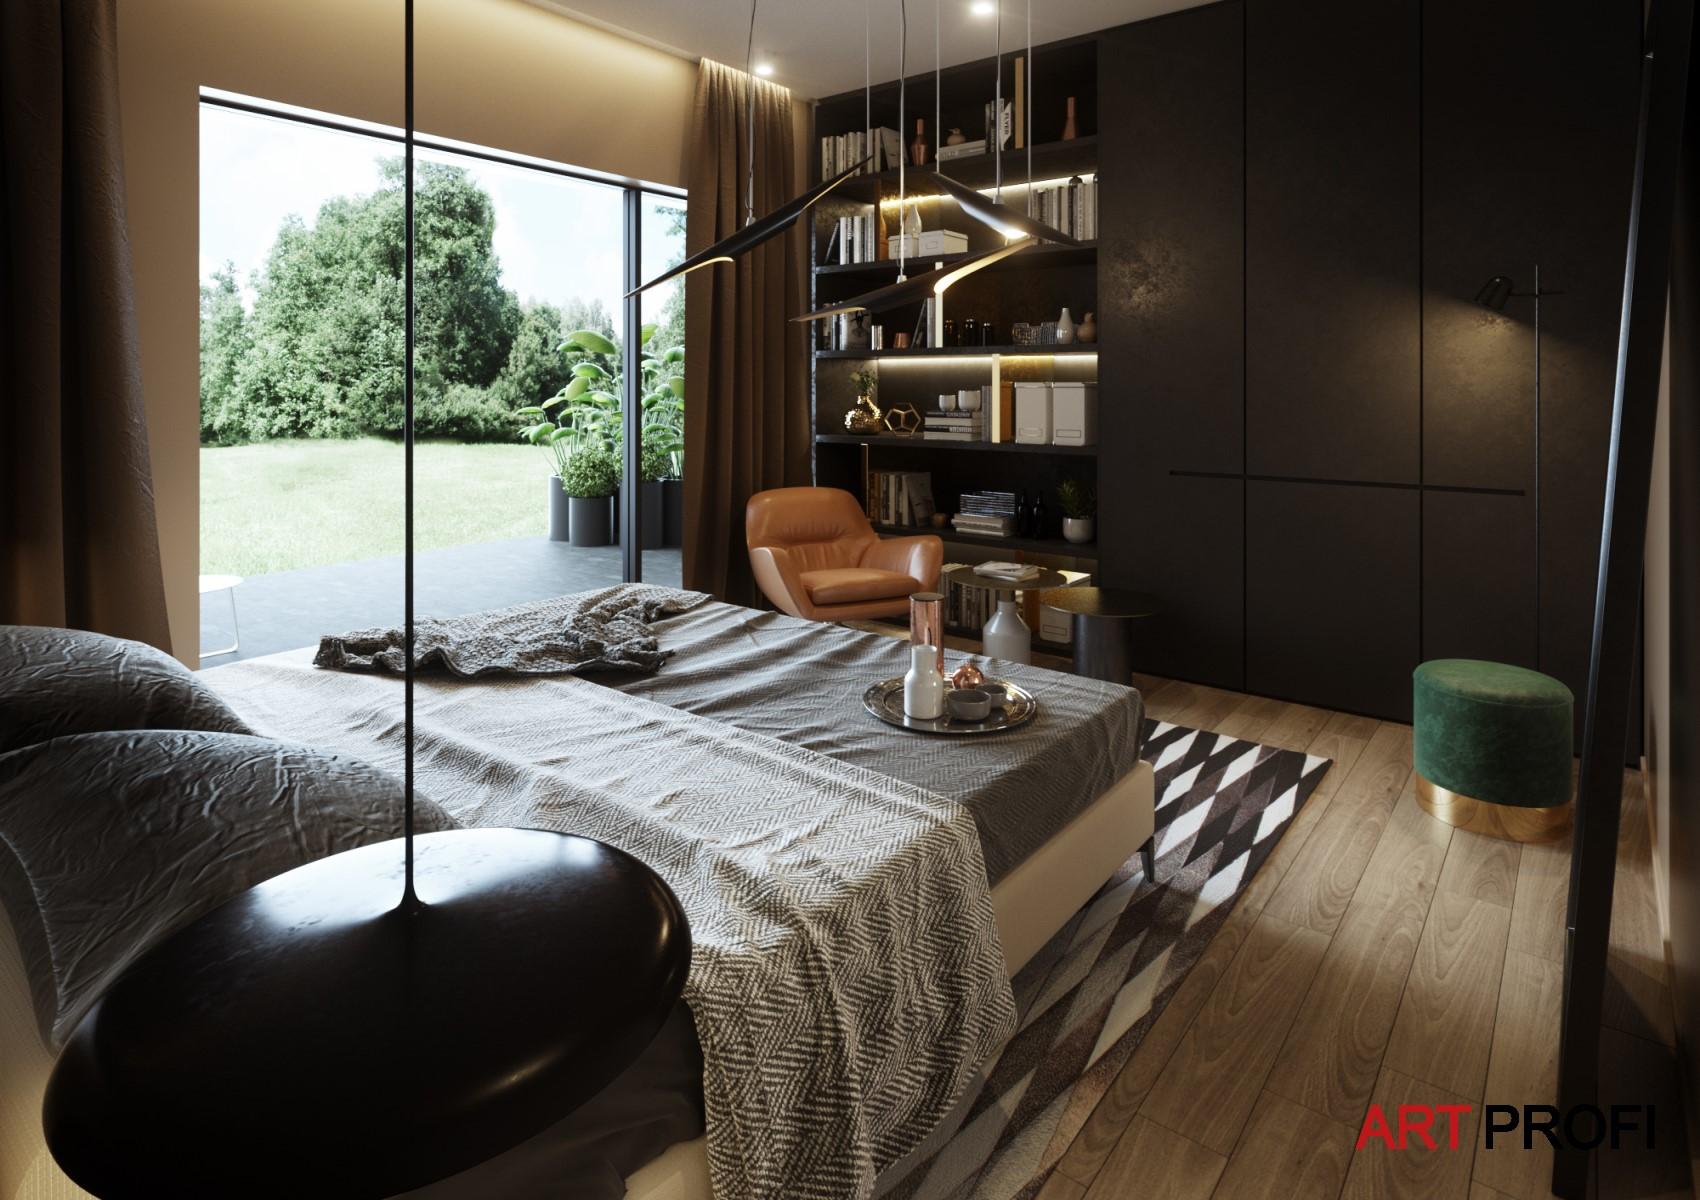 Дизайн интерьера. Дизайн спальни с видом на лес.